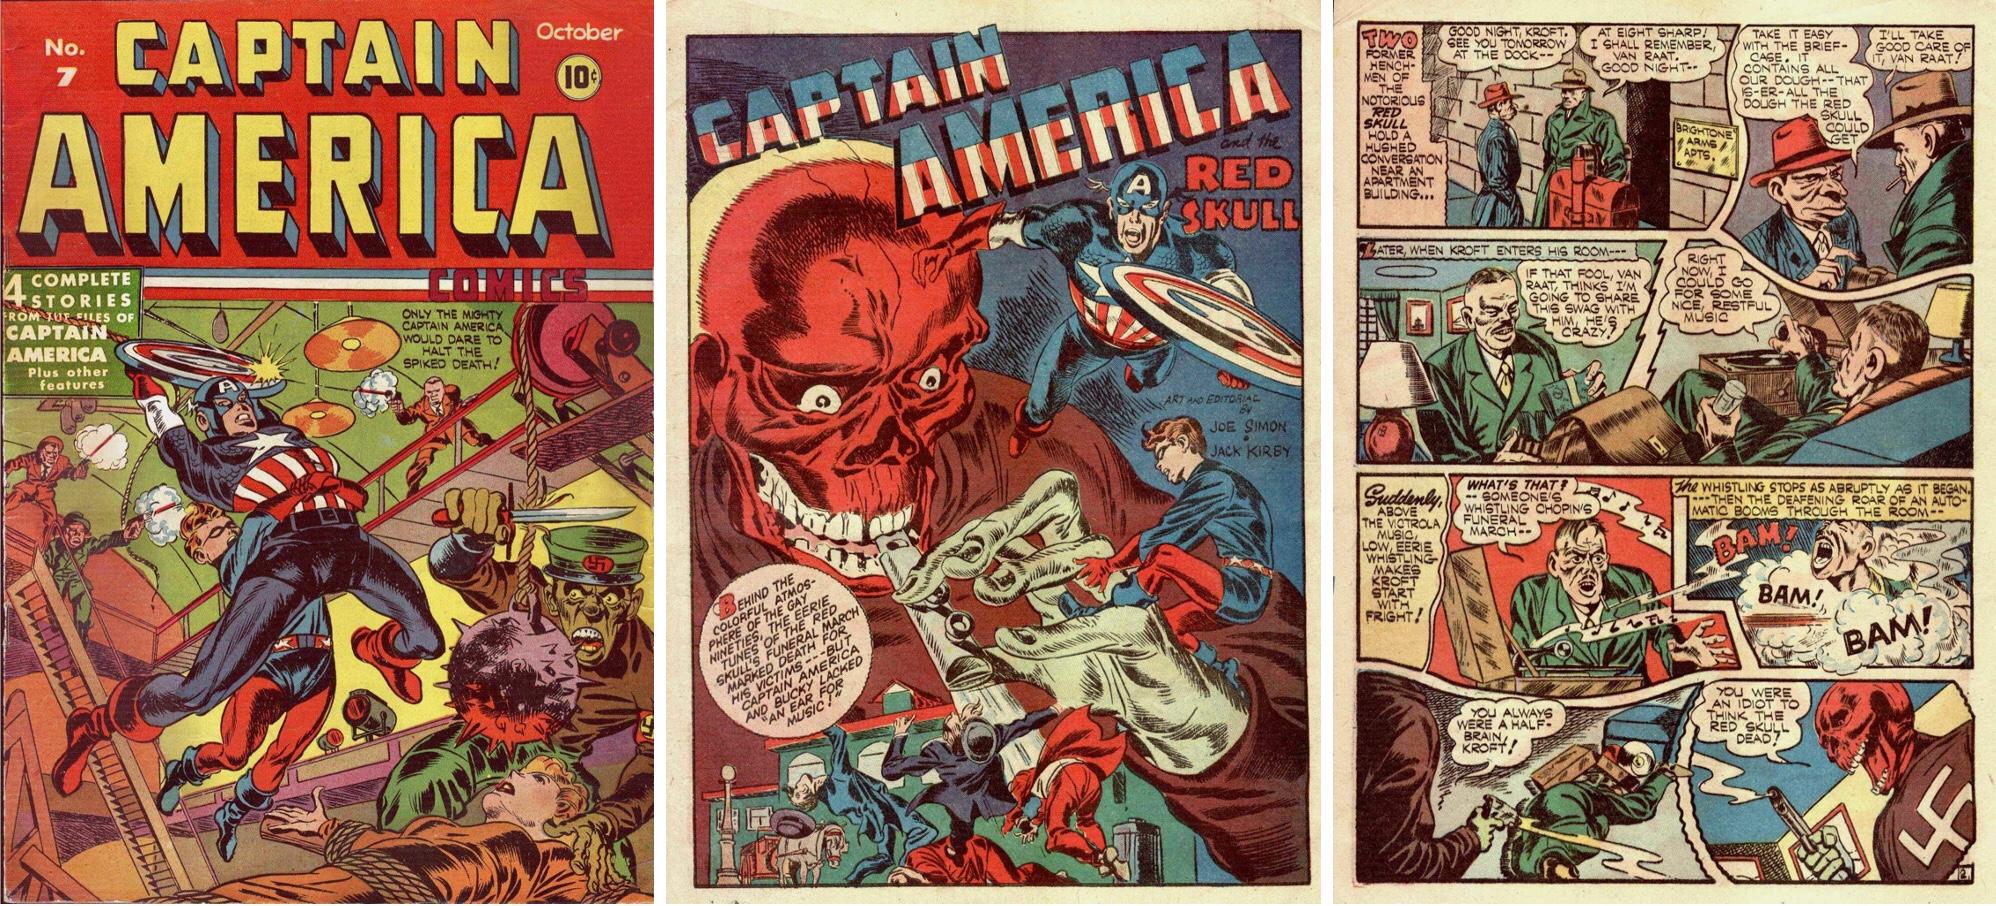 Omslag, förstasida och inledande sida till Captain America and the Red Skull i #7 (1941). ©Timely